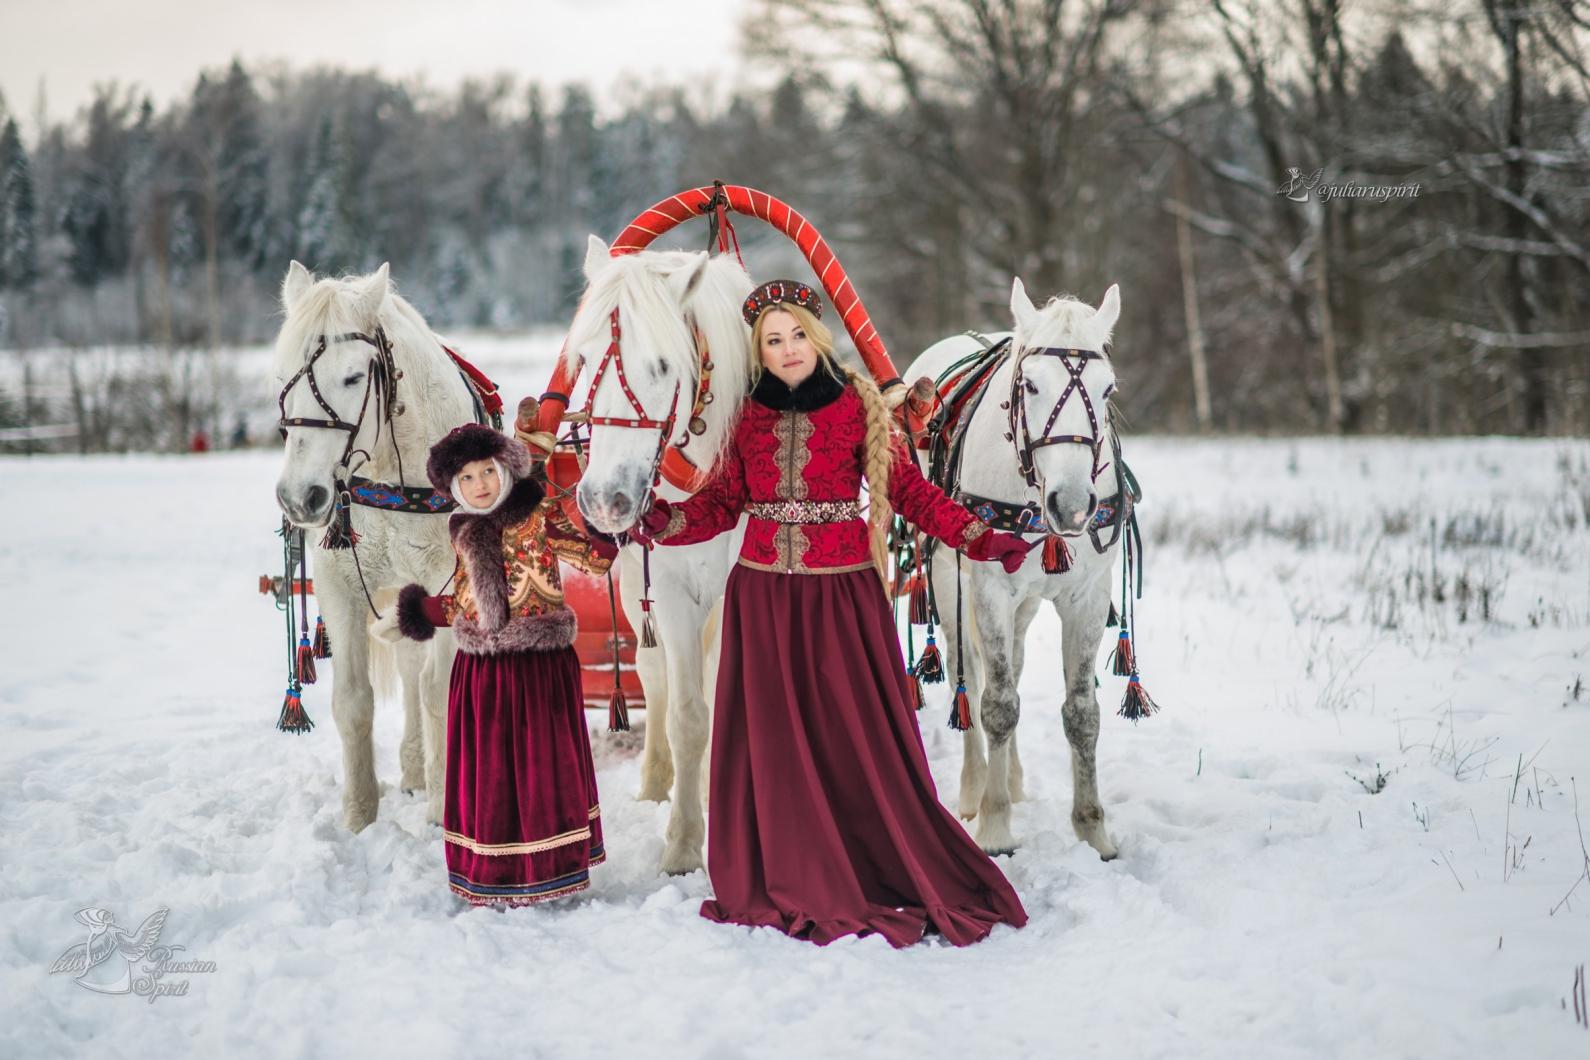 Мама с дочкой в русских народных костюмах с тройкой лошадей